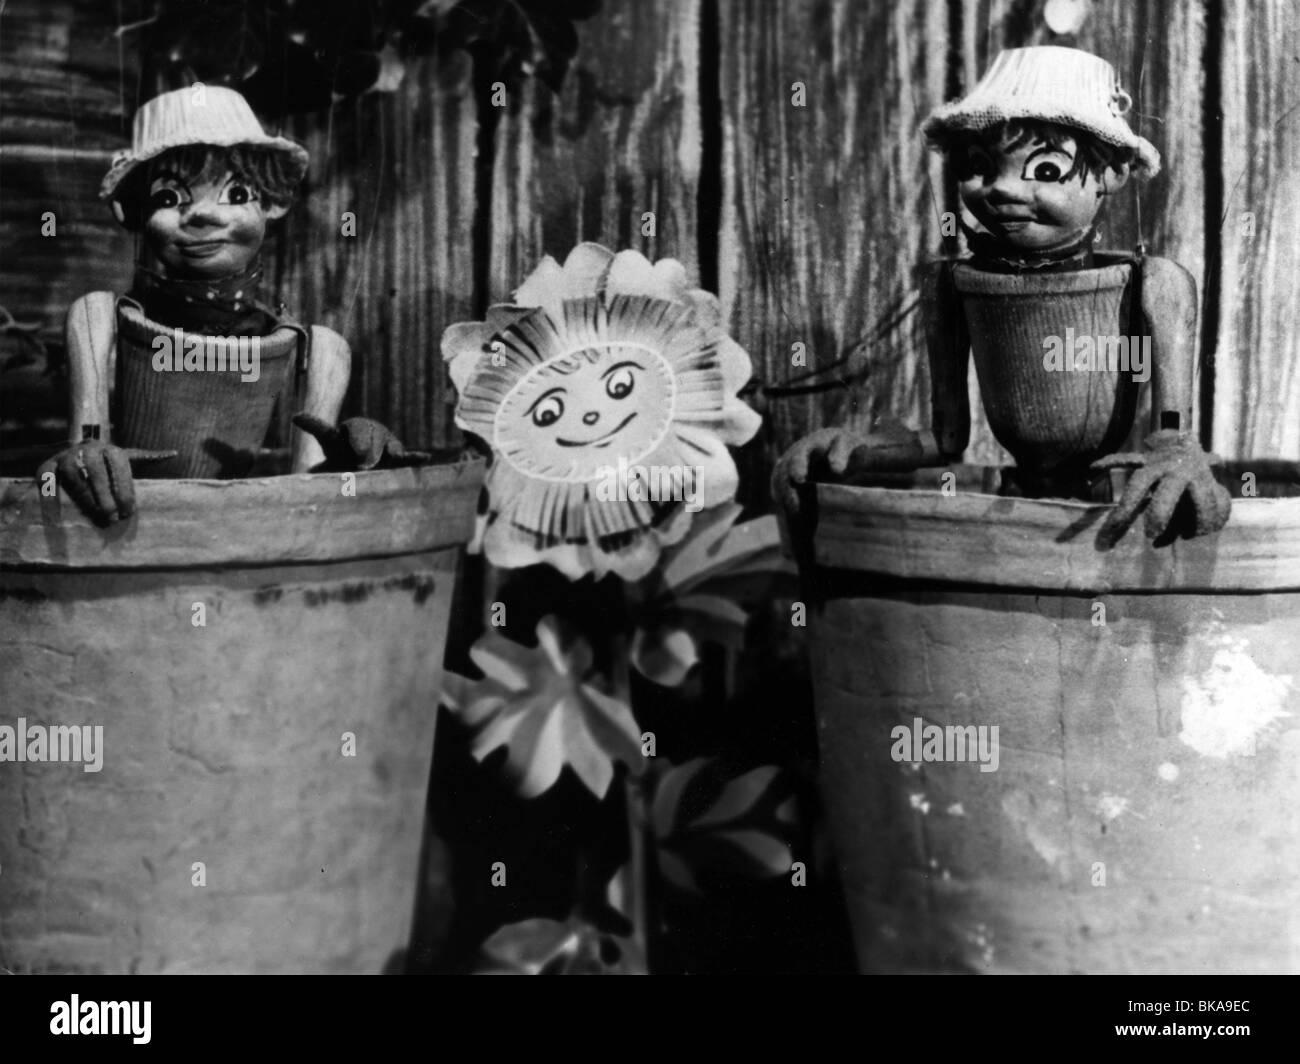 BILL & Ben: La maceta hombres BLBN 002P COPYRIGHT BBC IMAGEN Foto de stock